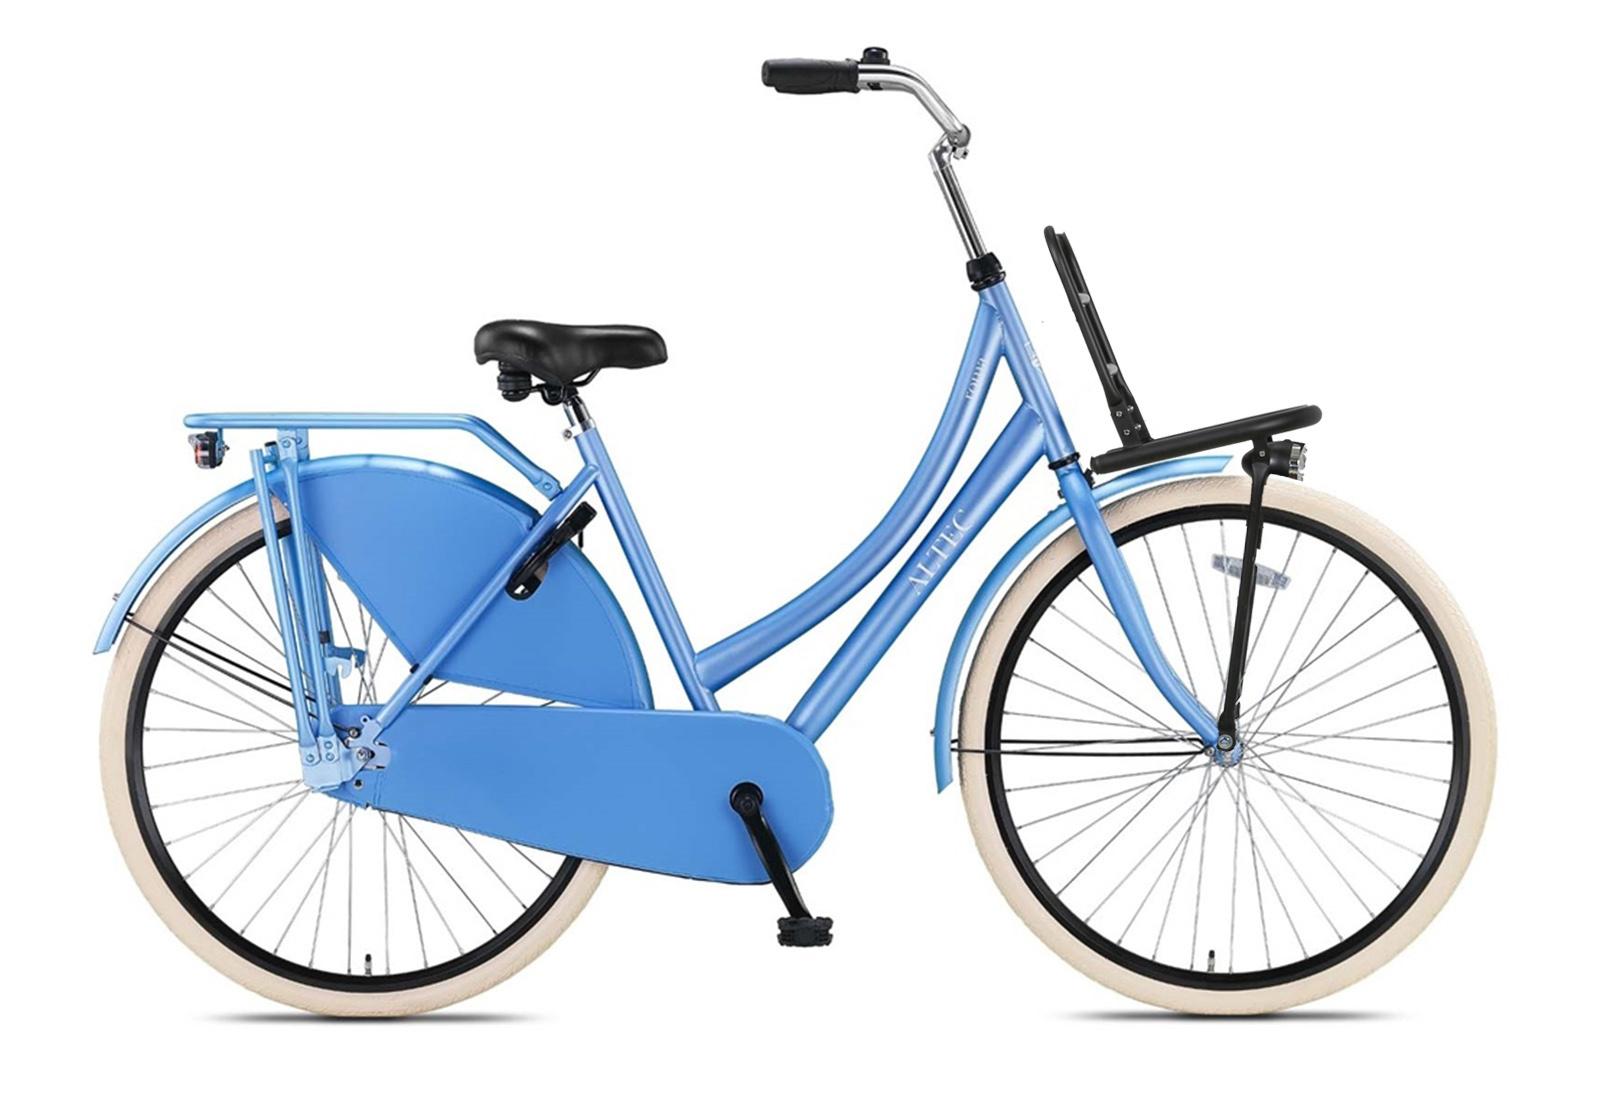 Altec Roma Deluxe Omafiets 28 inch 53cm Frozen Blue